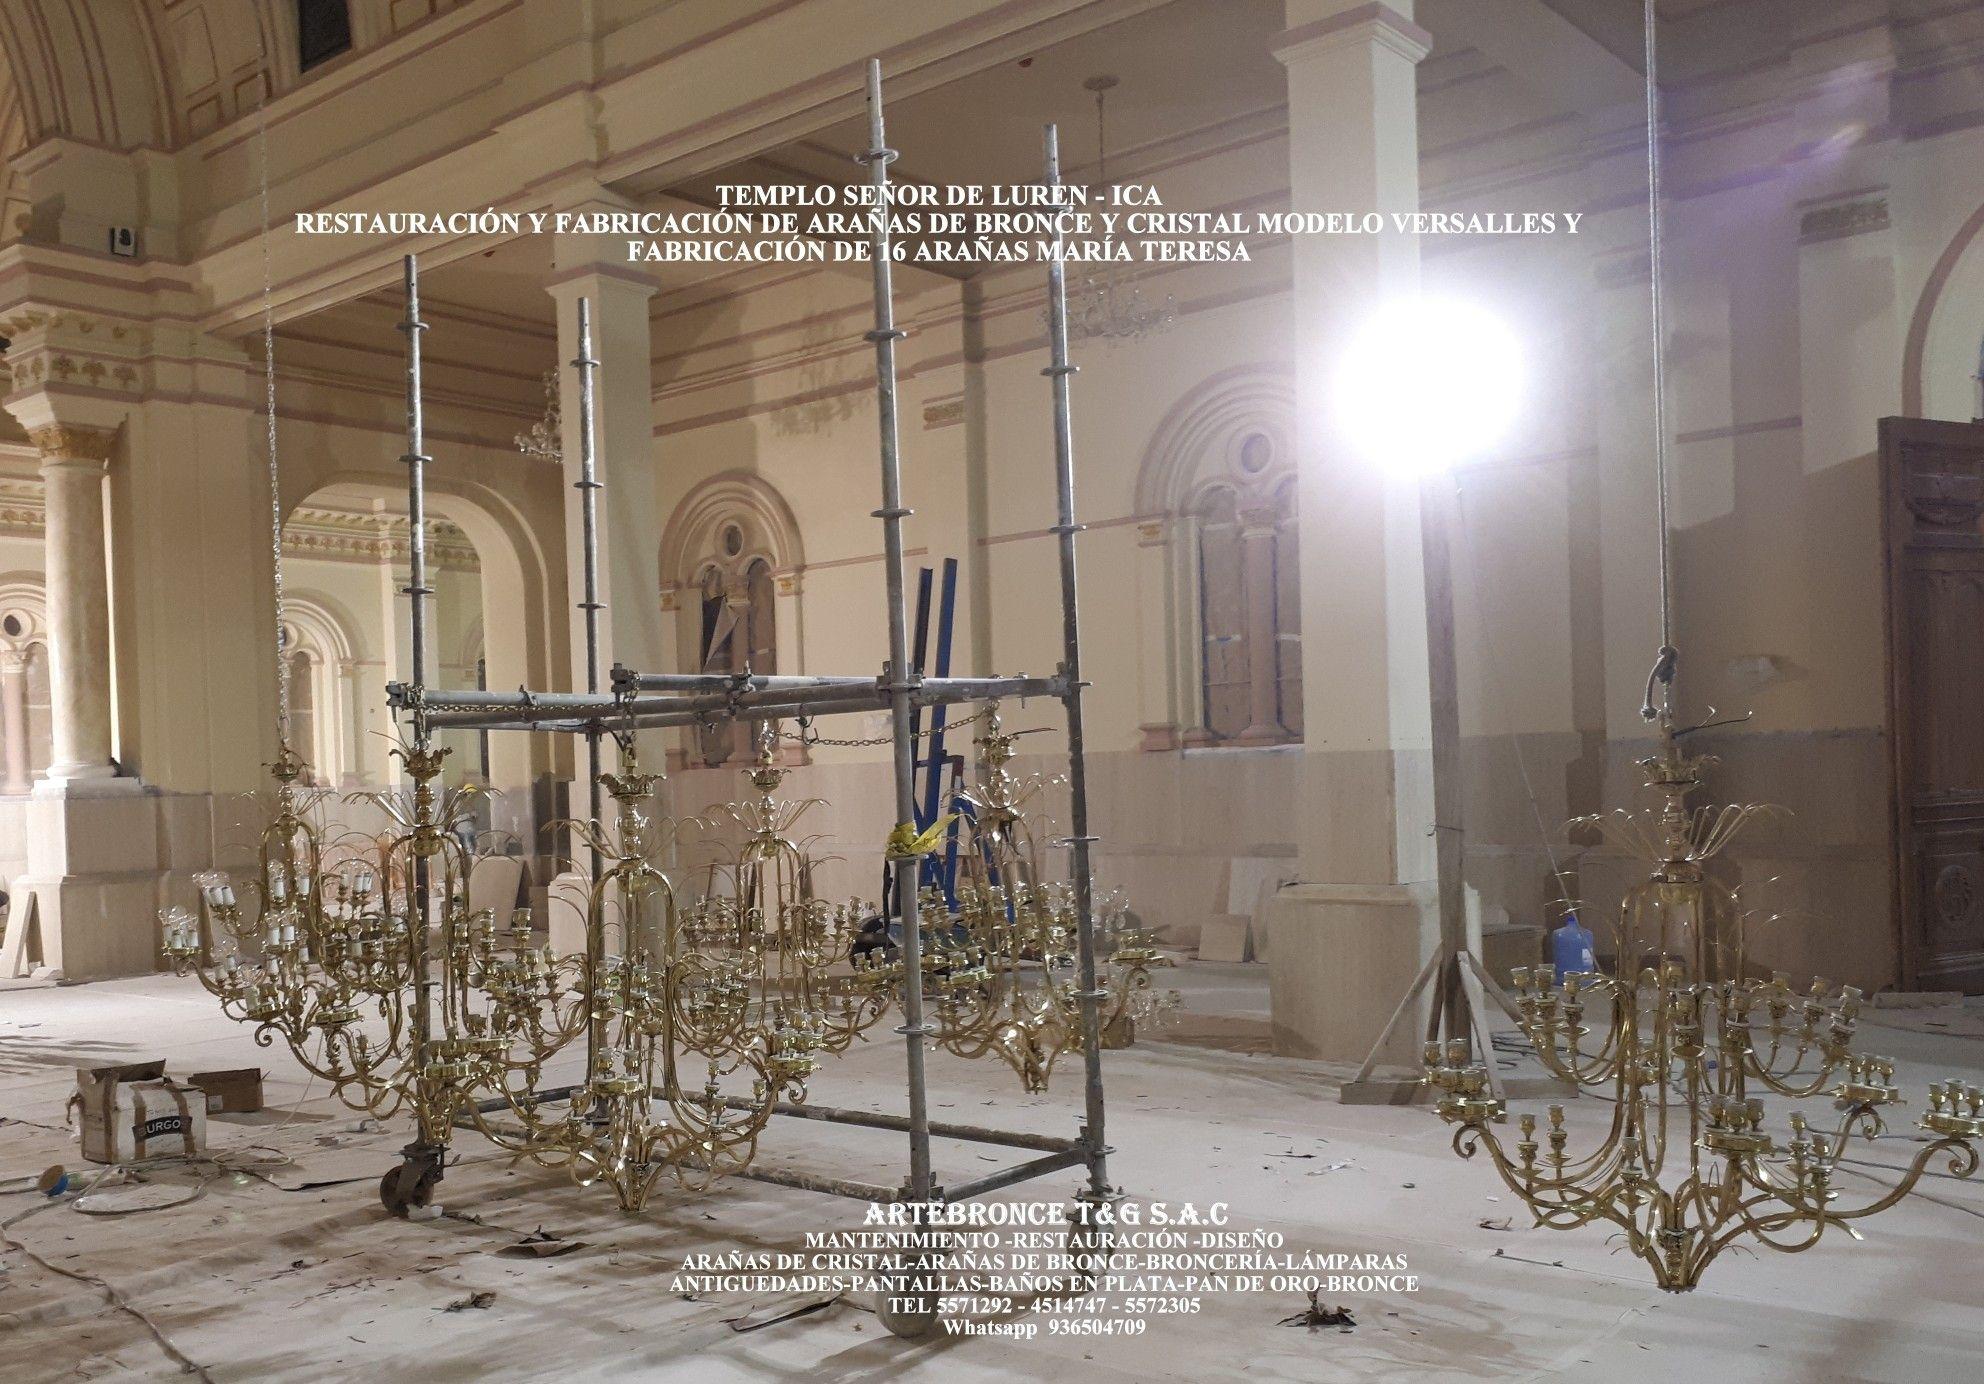 Templo Señor De Luren Ica Restauración Y Fabricación De Arañas Verdalles Y María Teresa Ceiling Lights Decor Chandelier